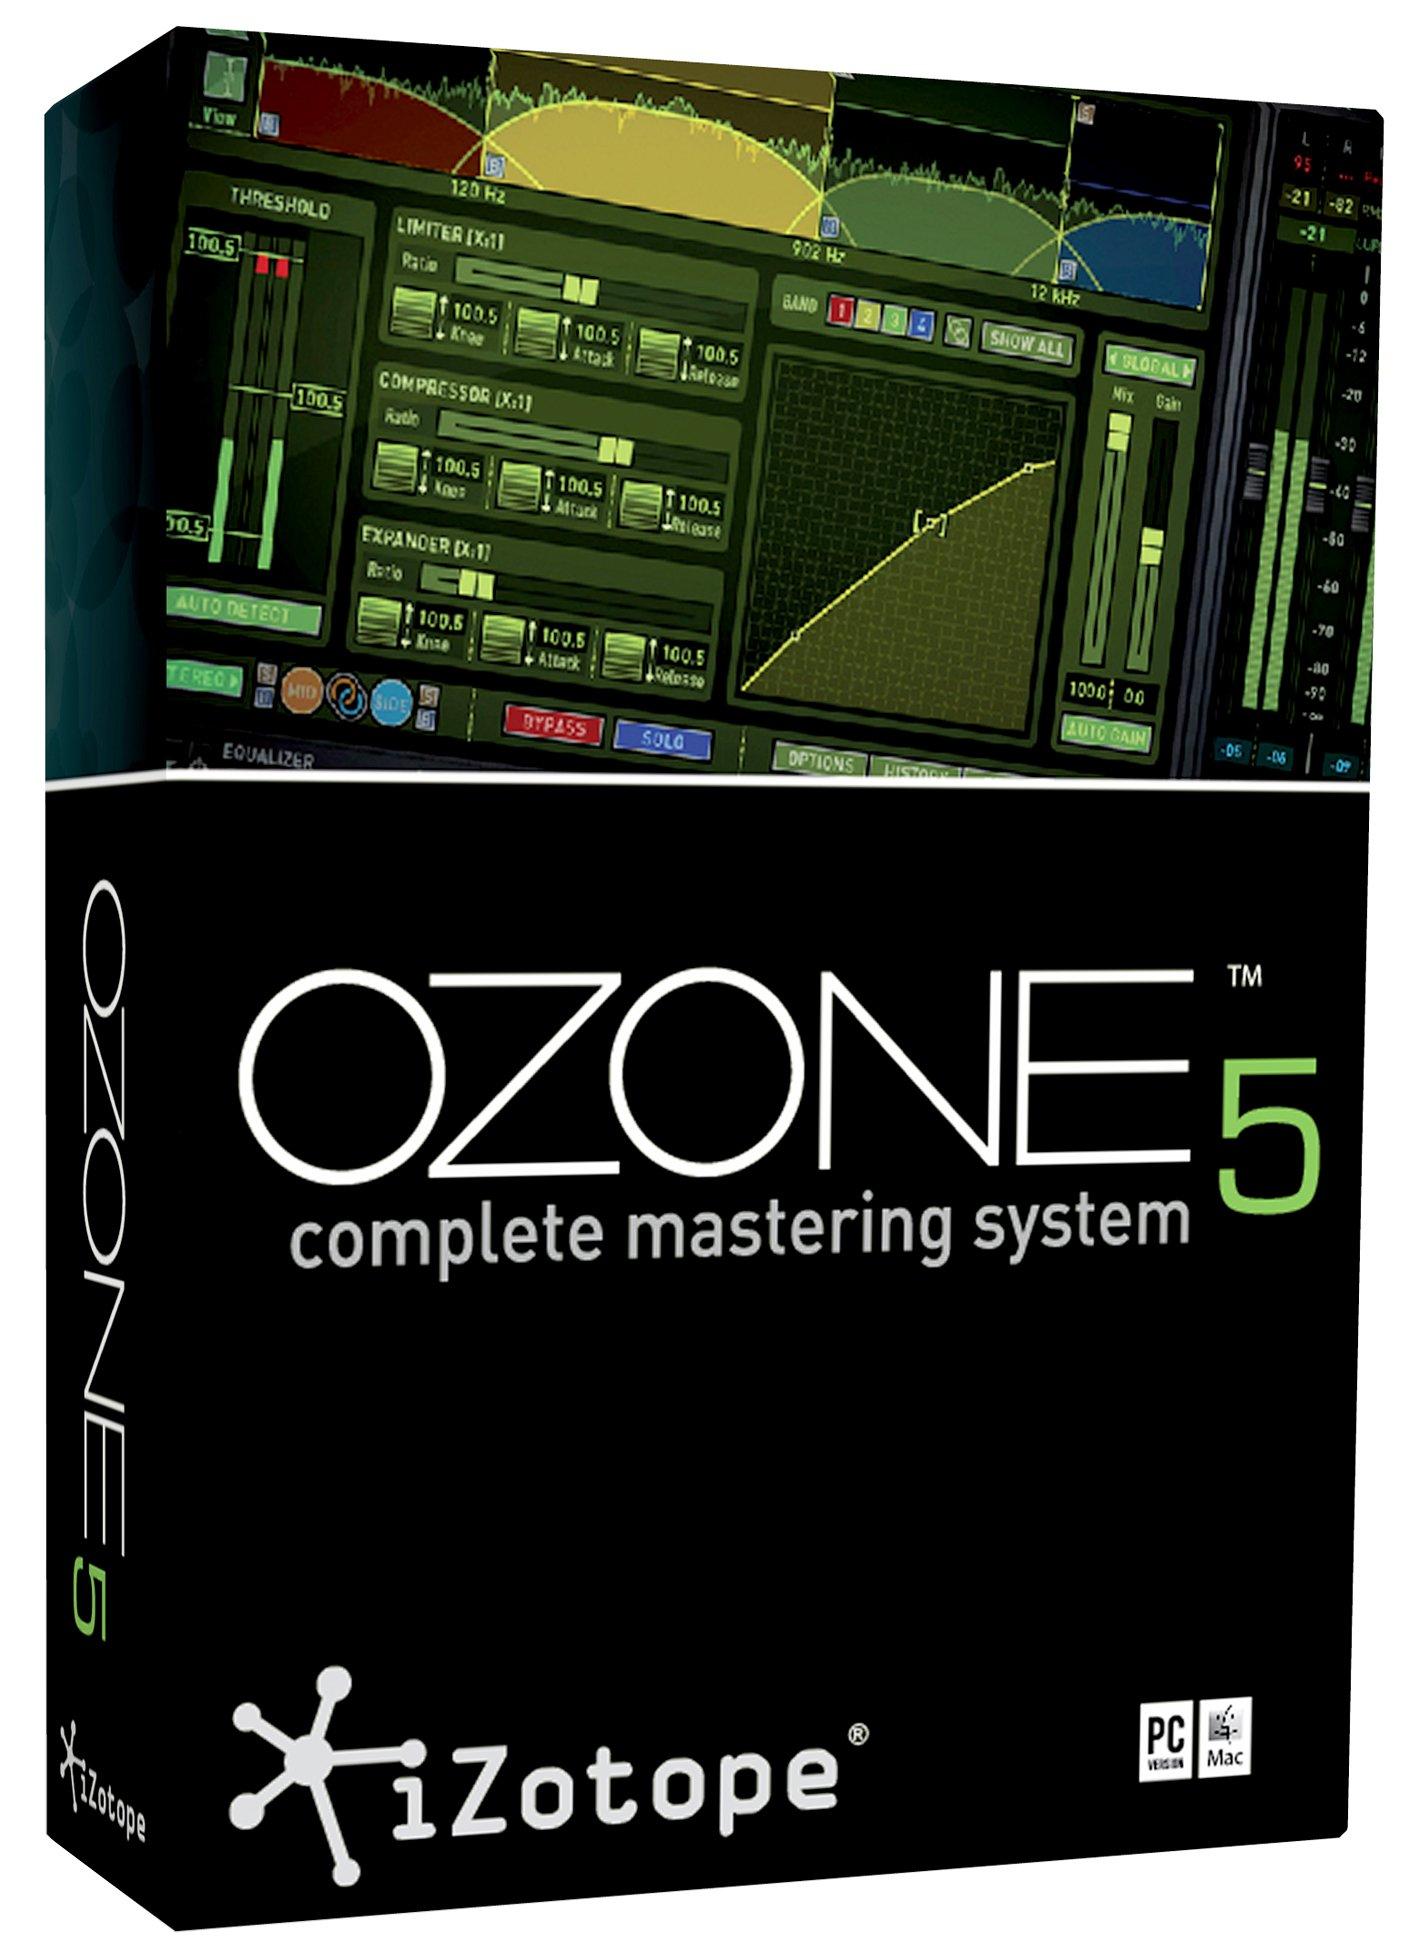 Ozone keygen